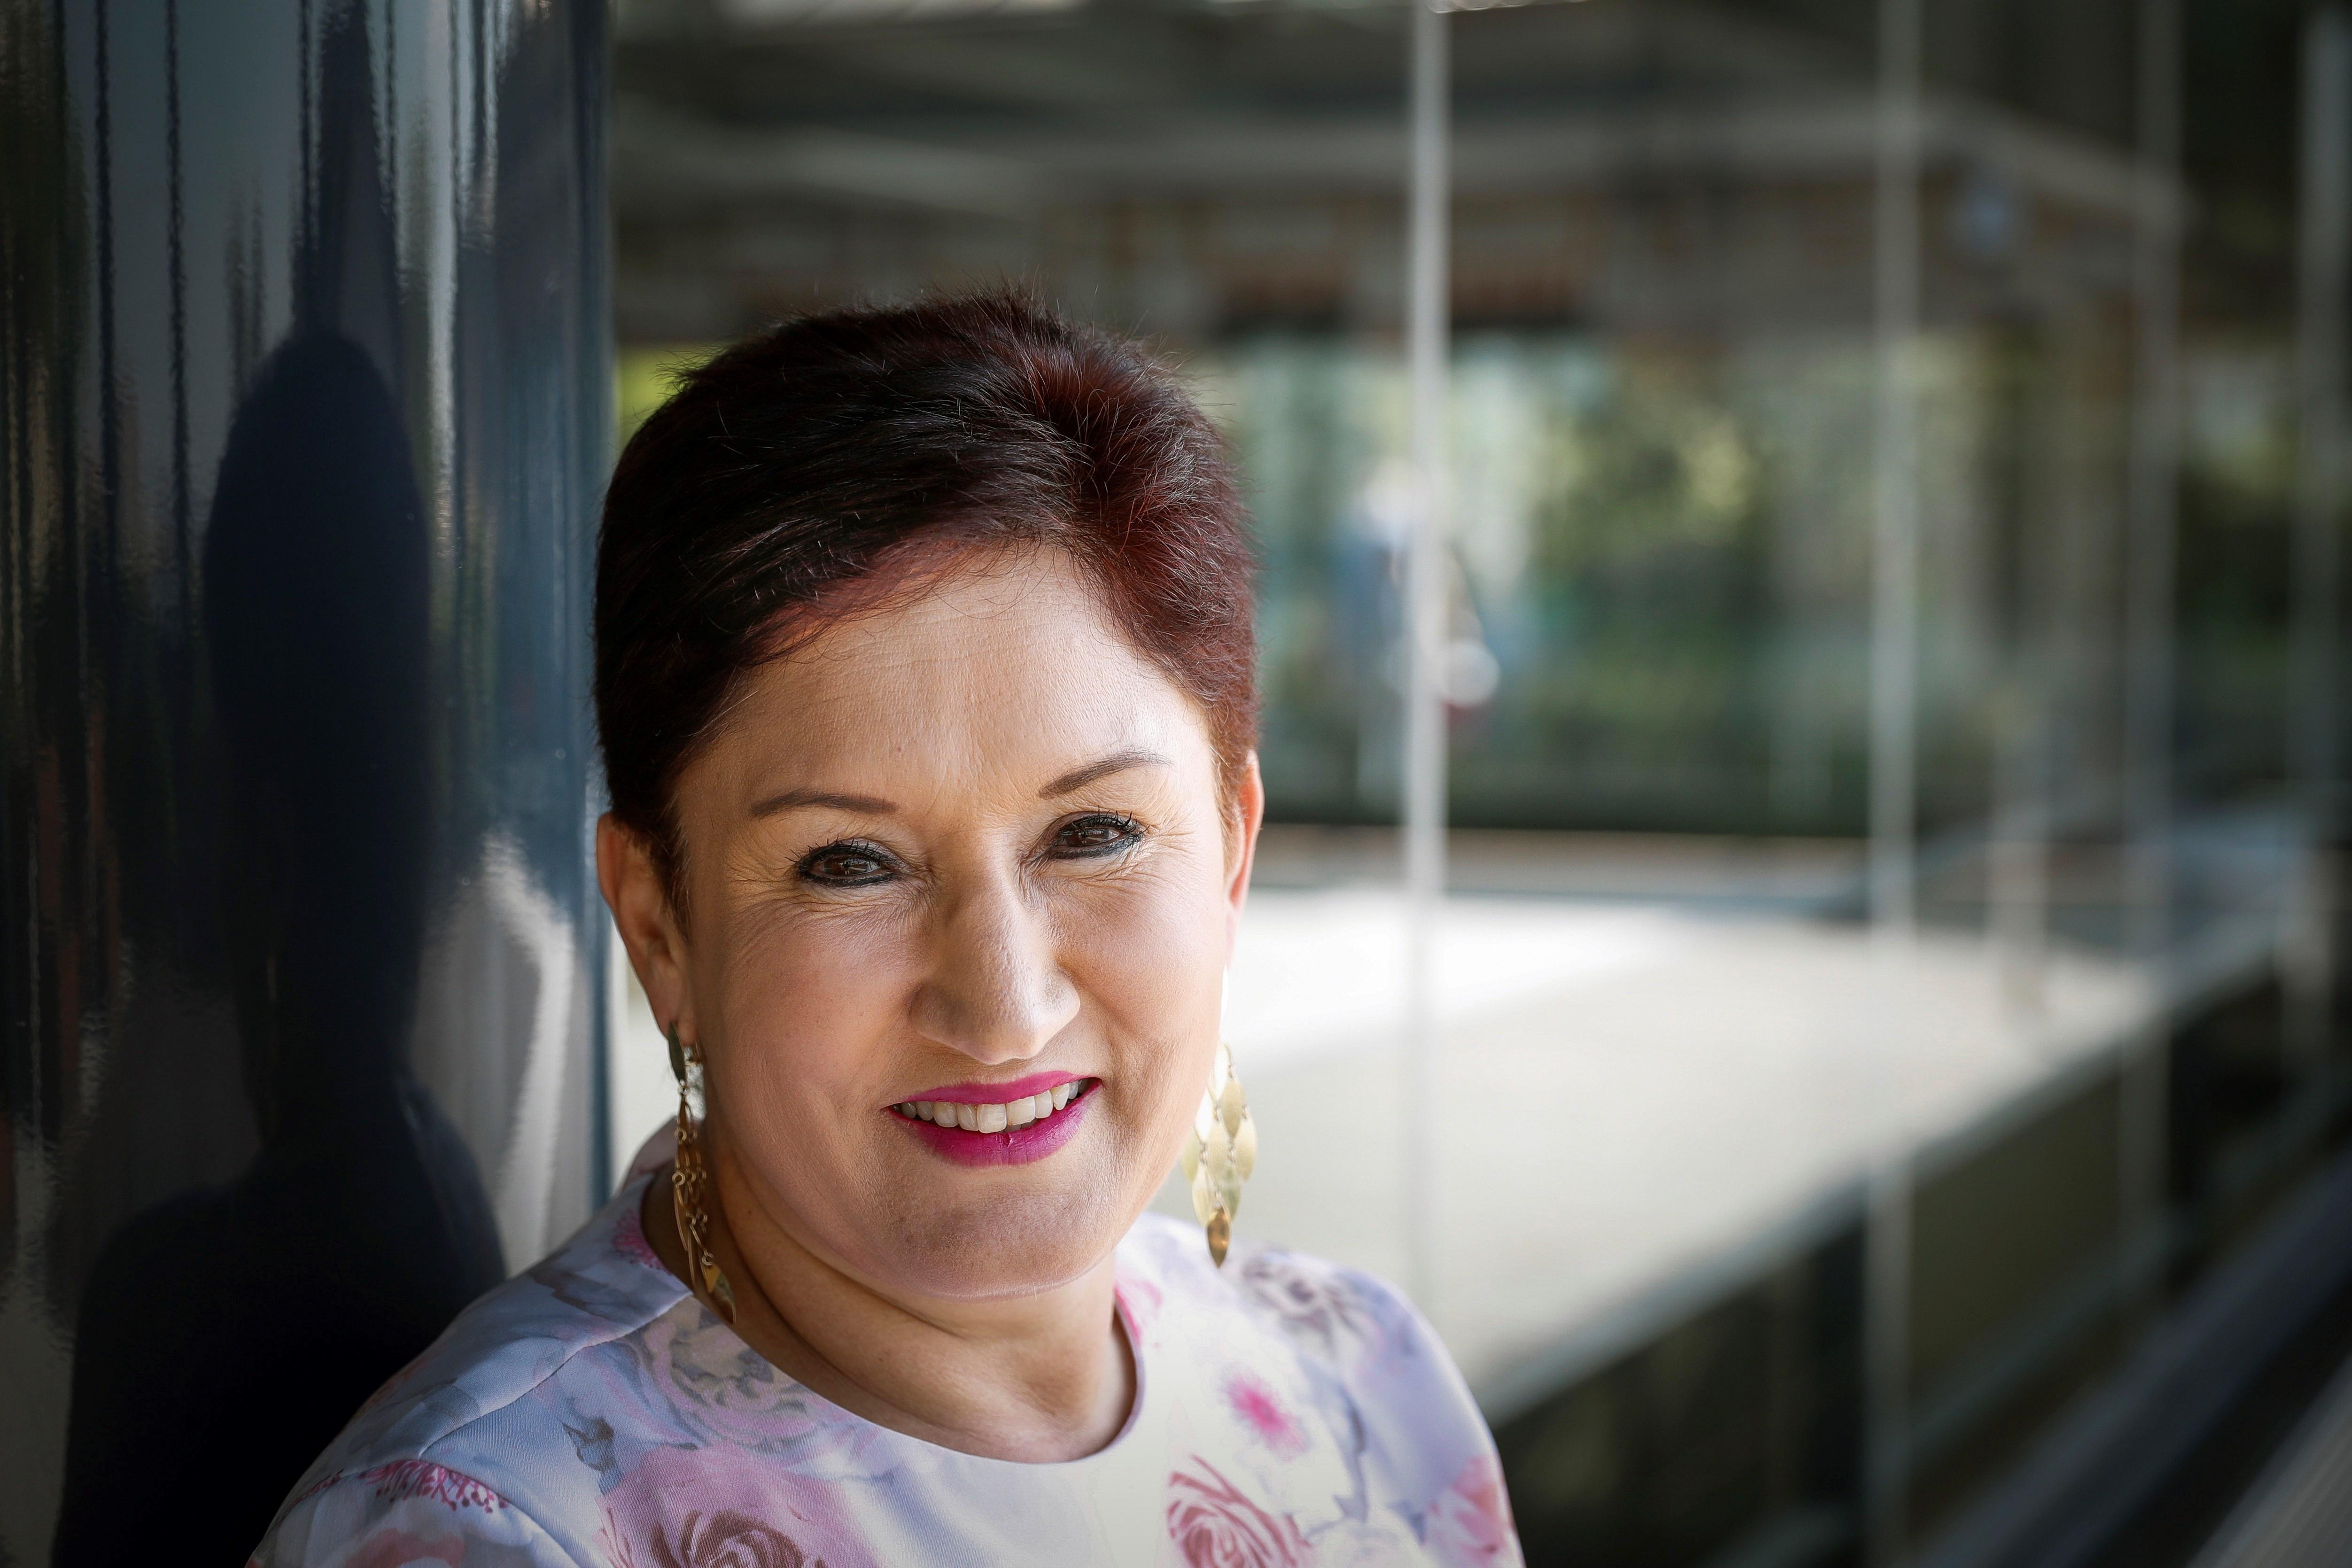 La exfiscal Thelma Aldana acudirá a la CIDH. Foto: EFE